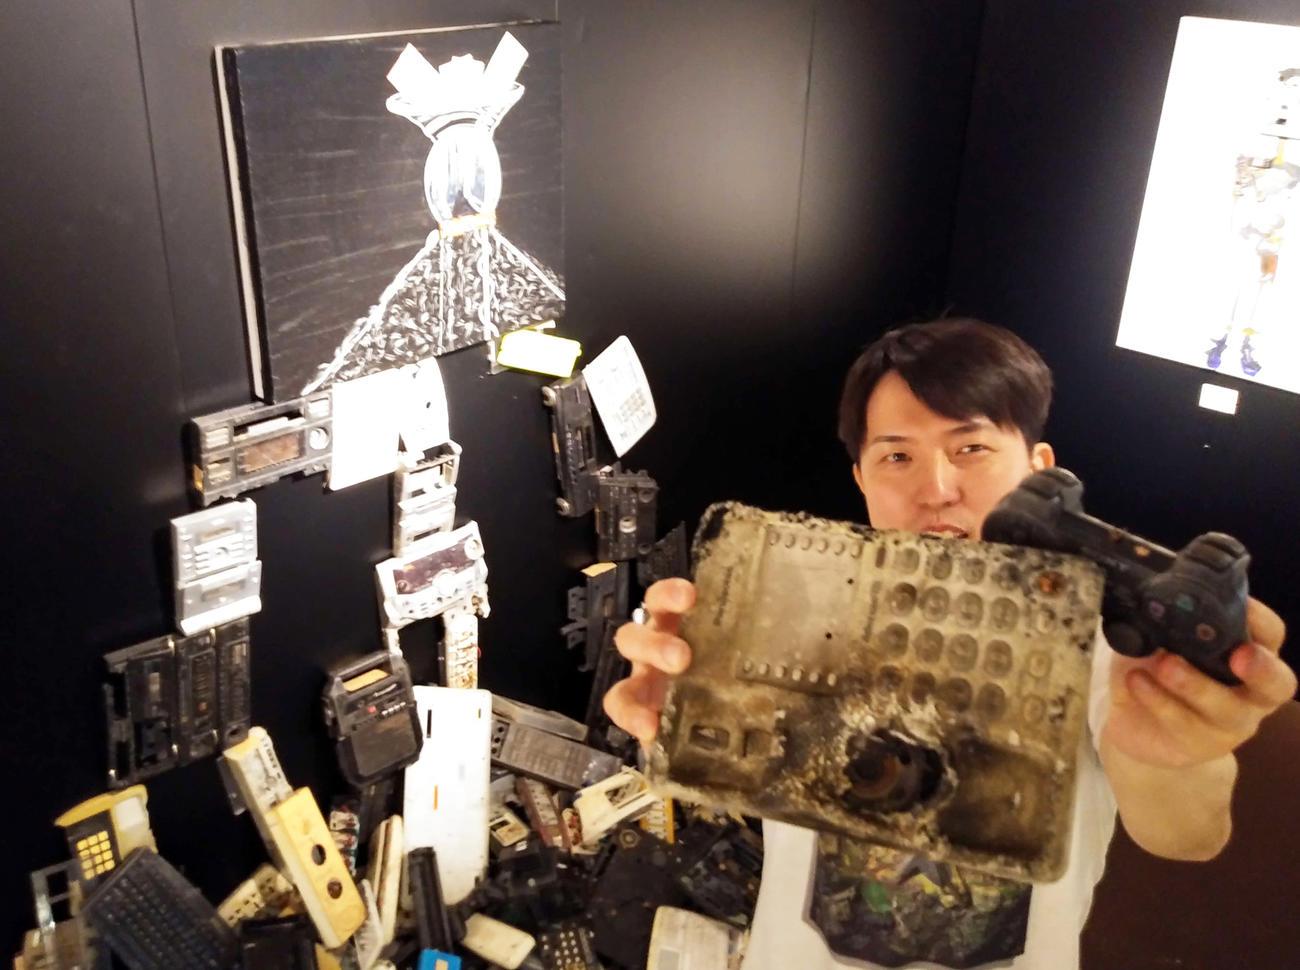 ガーナの電子機器廃材で、ほぼ即興でつくった作品「Capital to money]。MAGOさんの手には電話機とゲーム機の廃材が握られていた(撮影・寺沢卓)